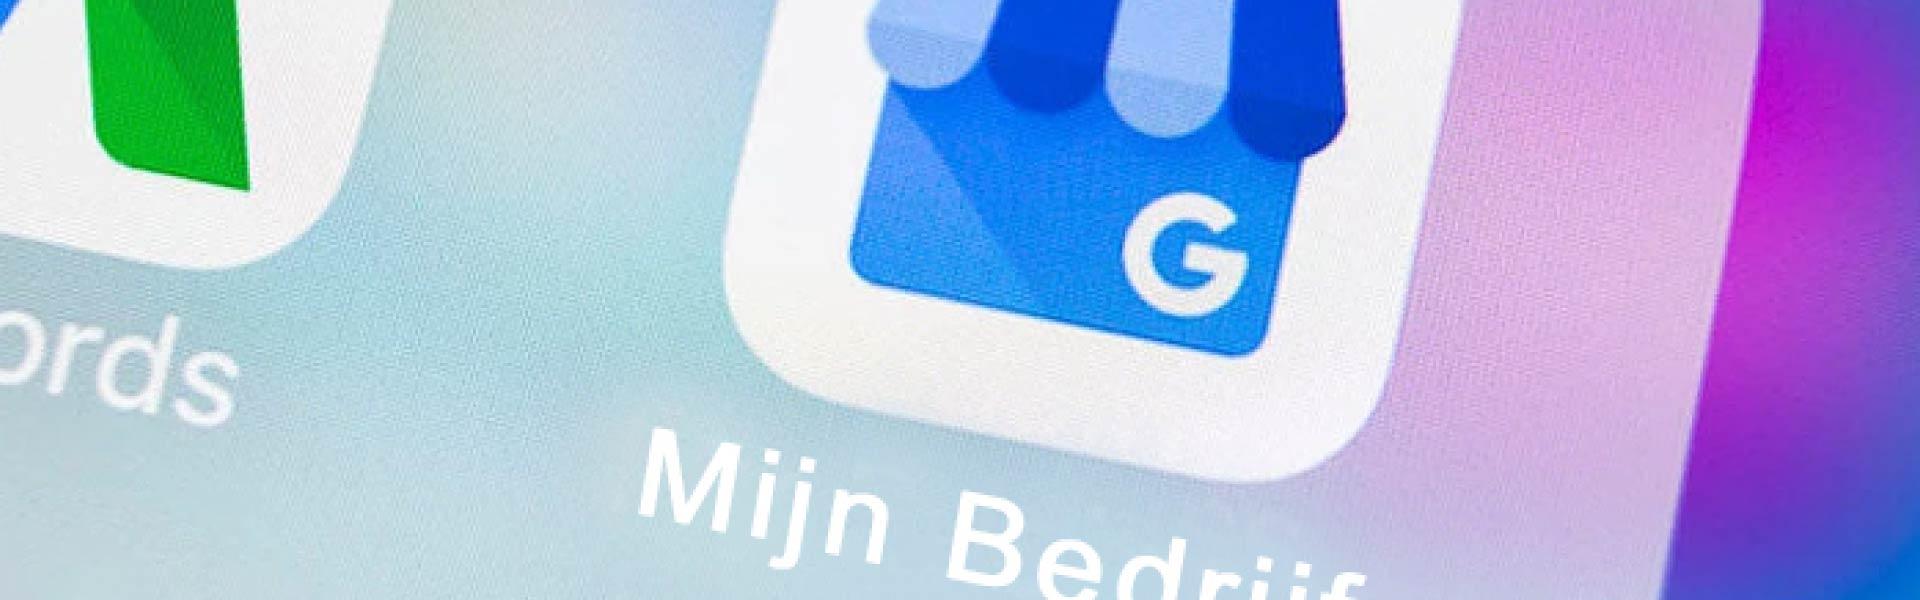 google mijn bedrijf